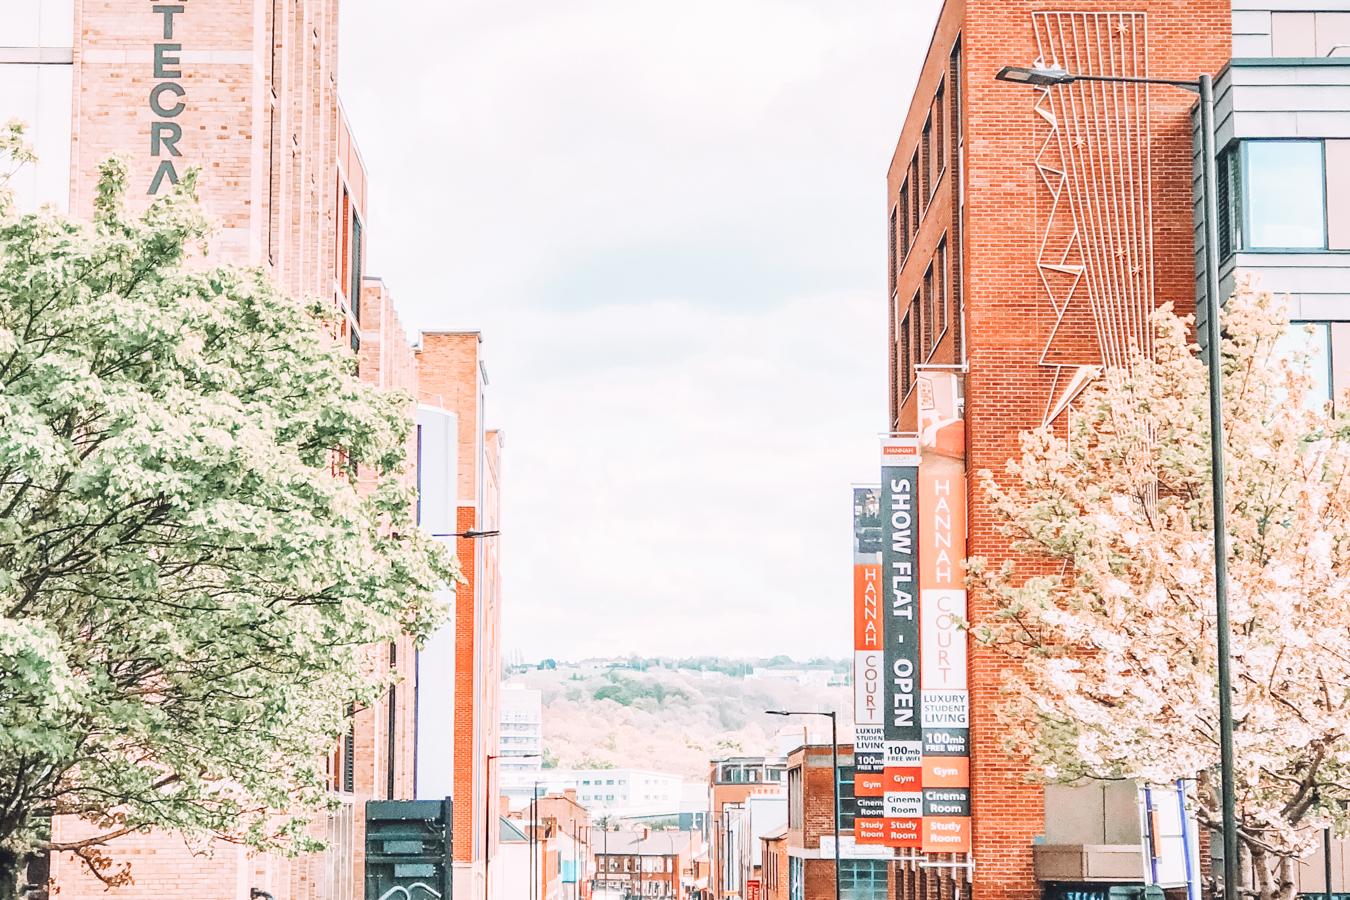 Buildings in Sheffield